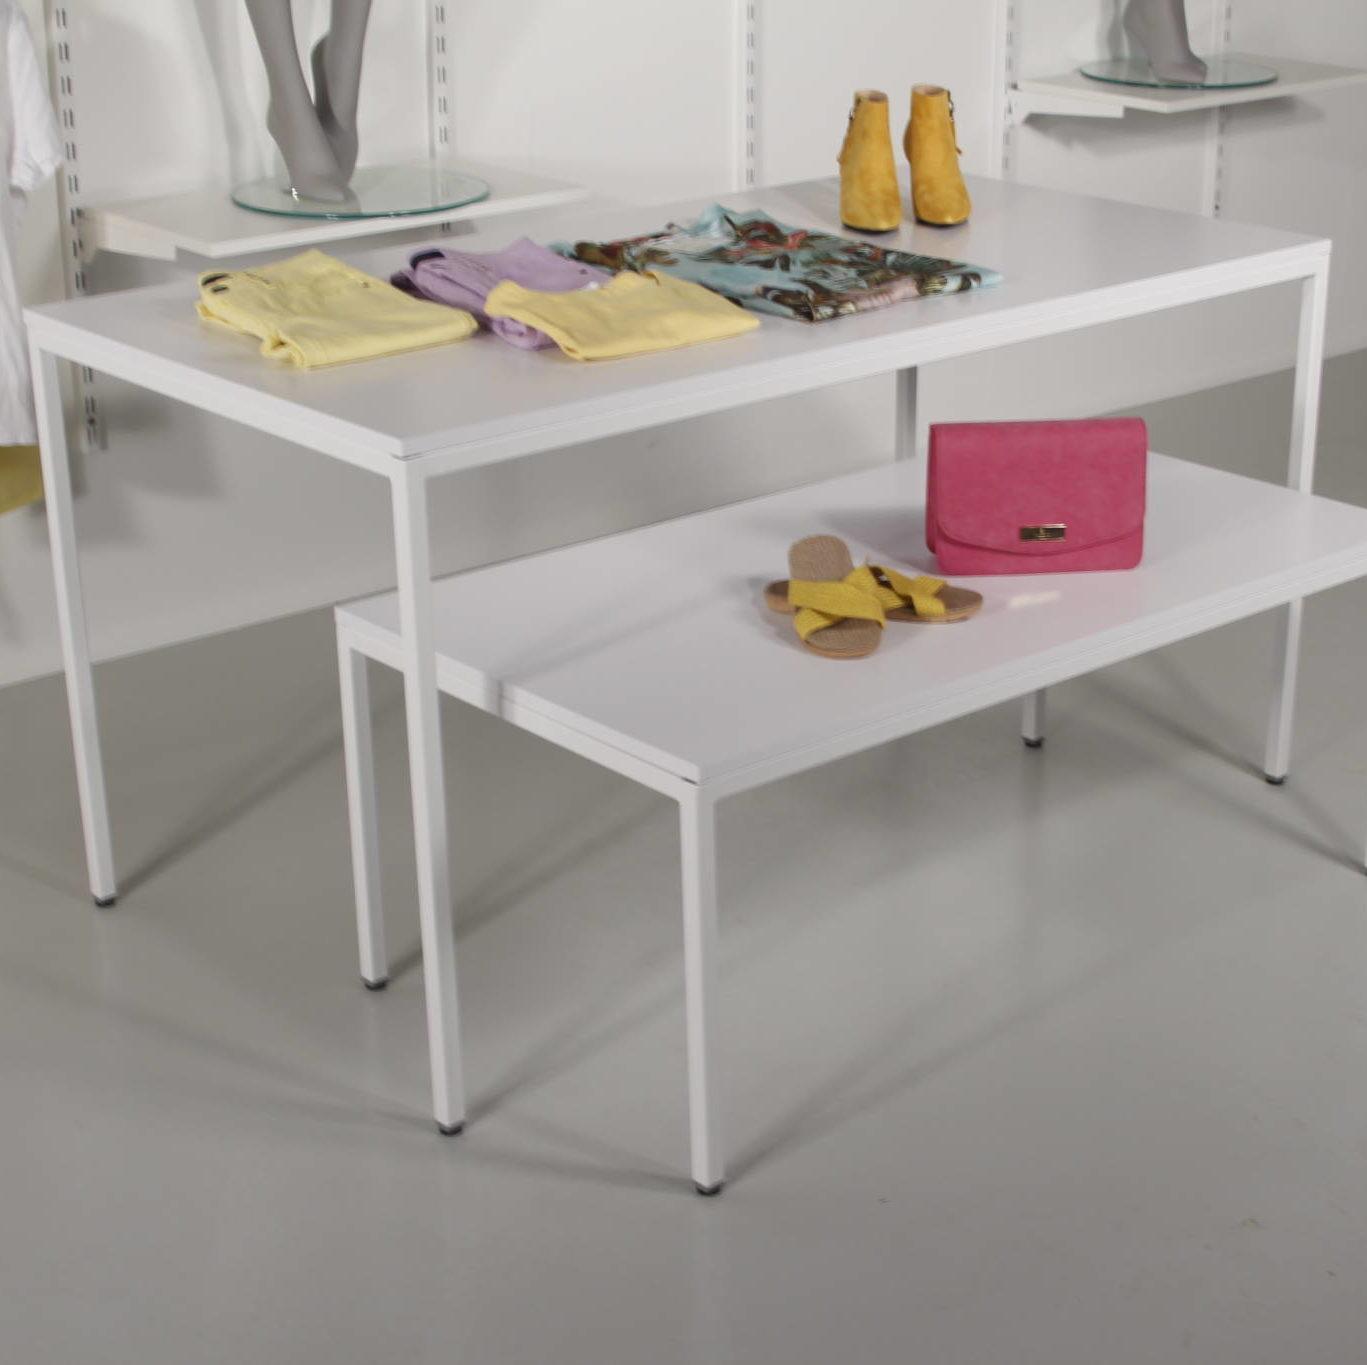 hvide billige salgsborde. indskudsborde